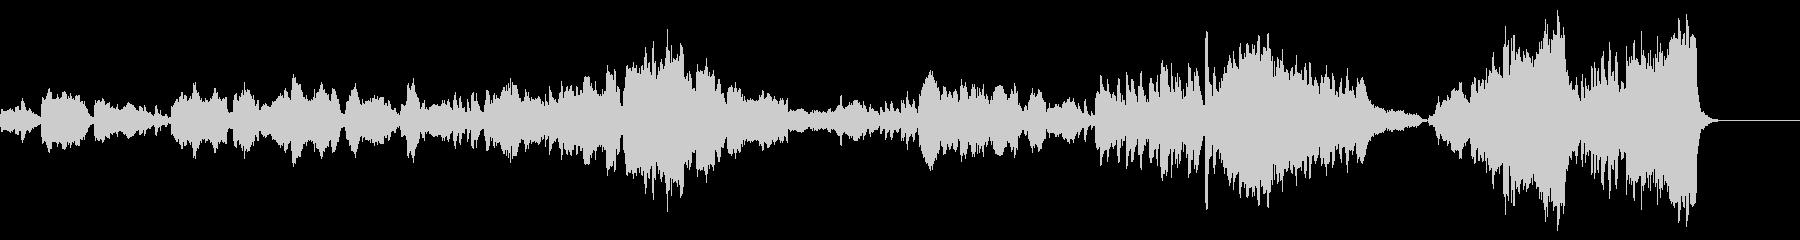 【生演奏】壮大,感動トロンボーンとピアノの未再生の波形